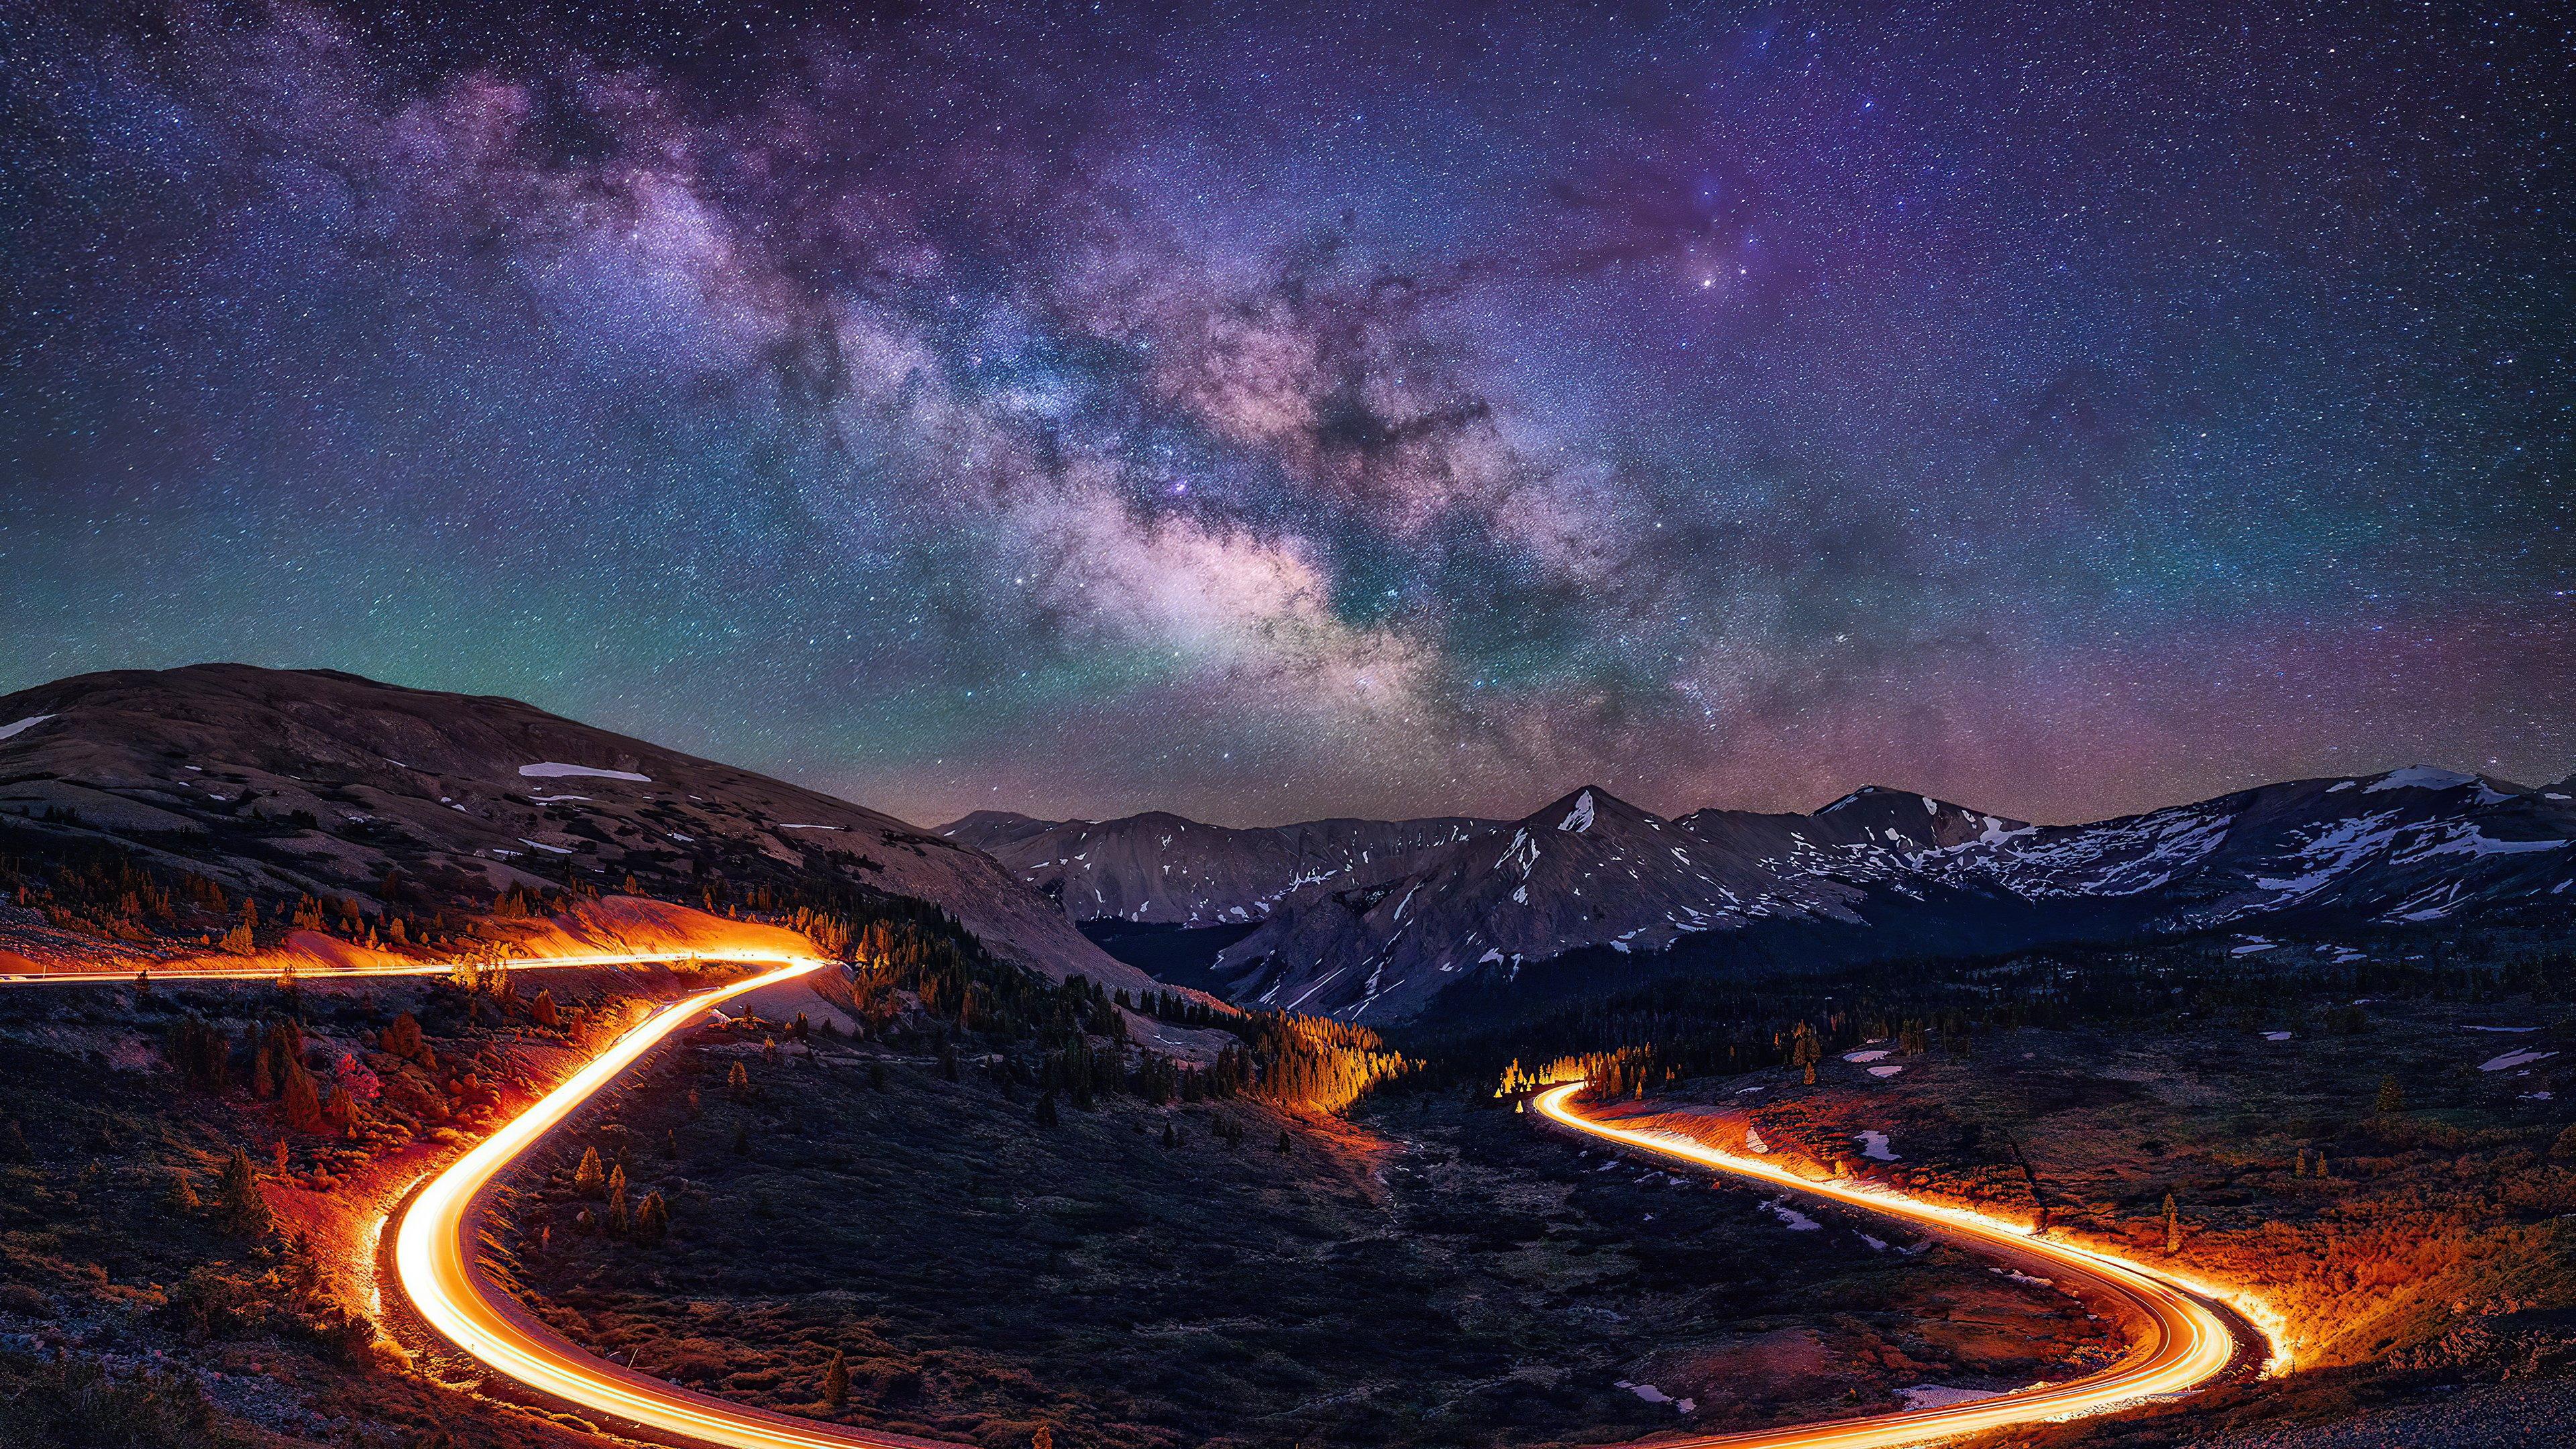 Fondos de pantalla Camino durante noche estrellada